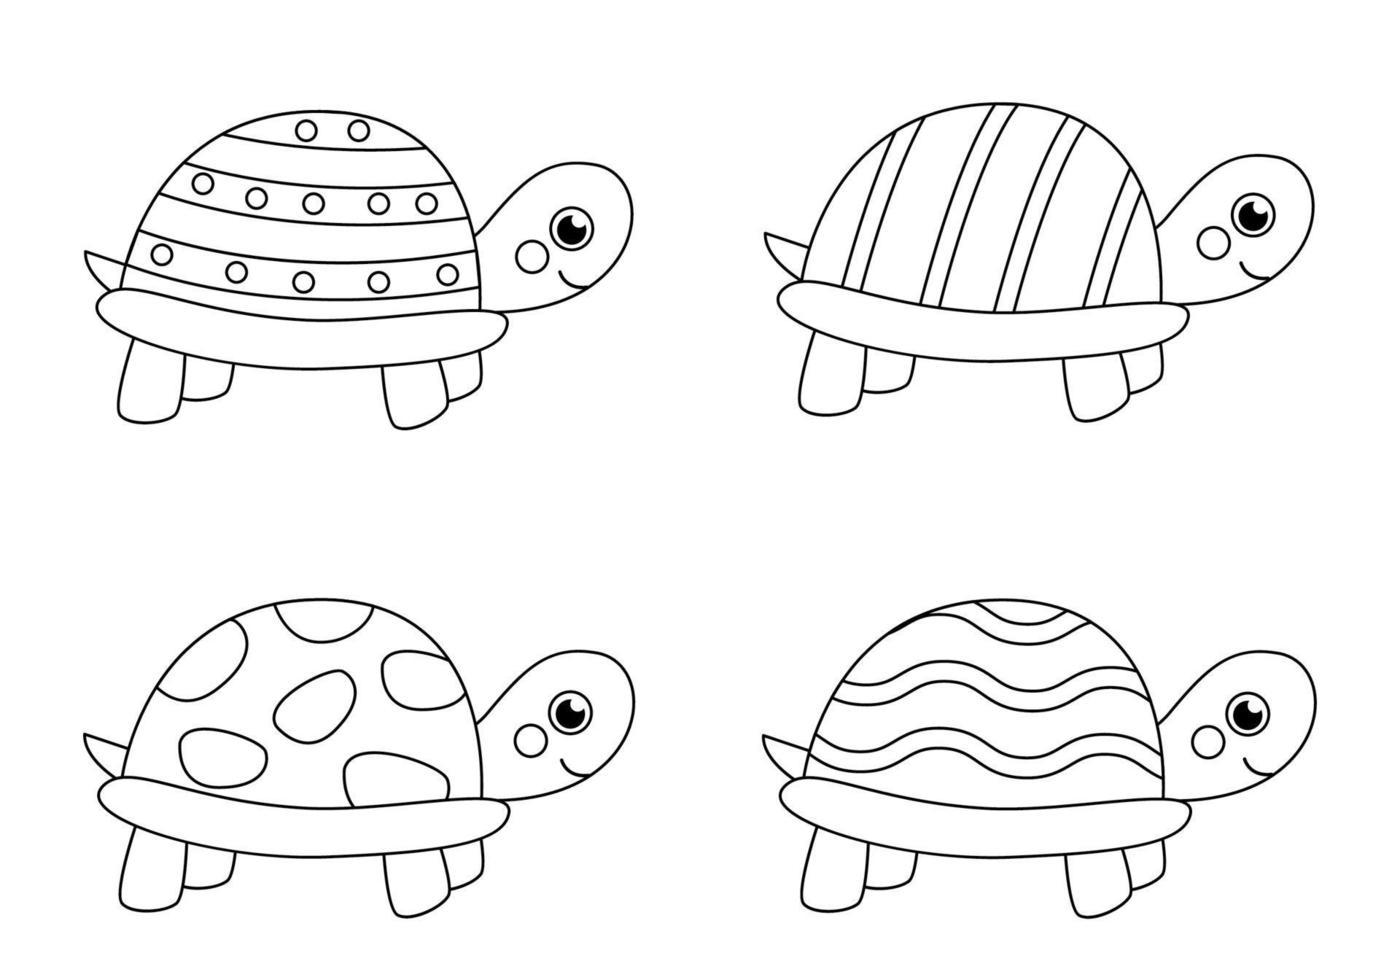 tartarugas pretas e brancas da cor. página para colorir para crianças. vetor